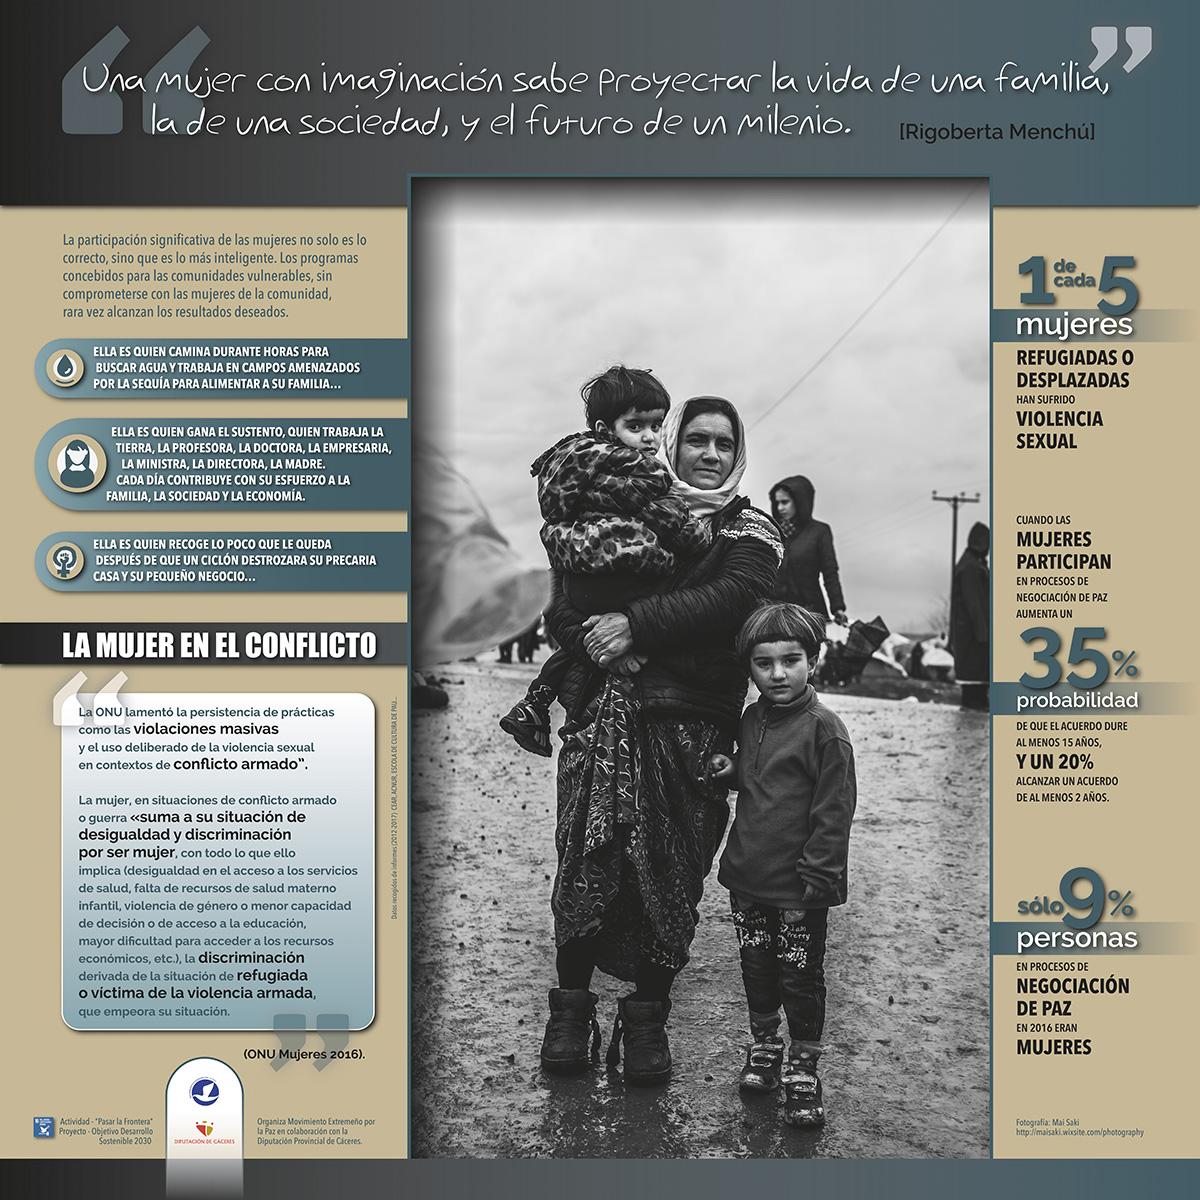 panel4-mujer-en-el-conflicto-#ningunserhumanoesilegal